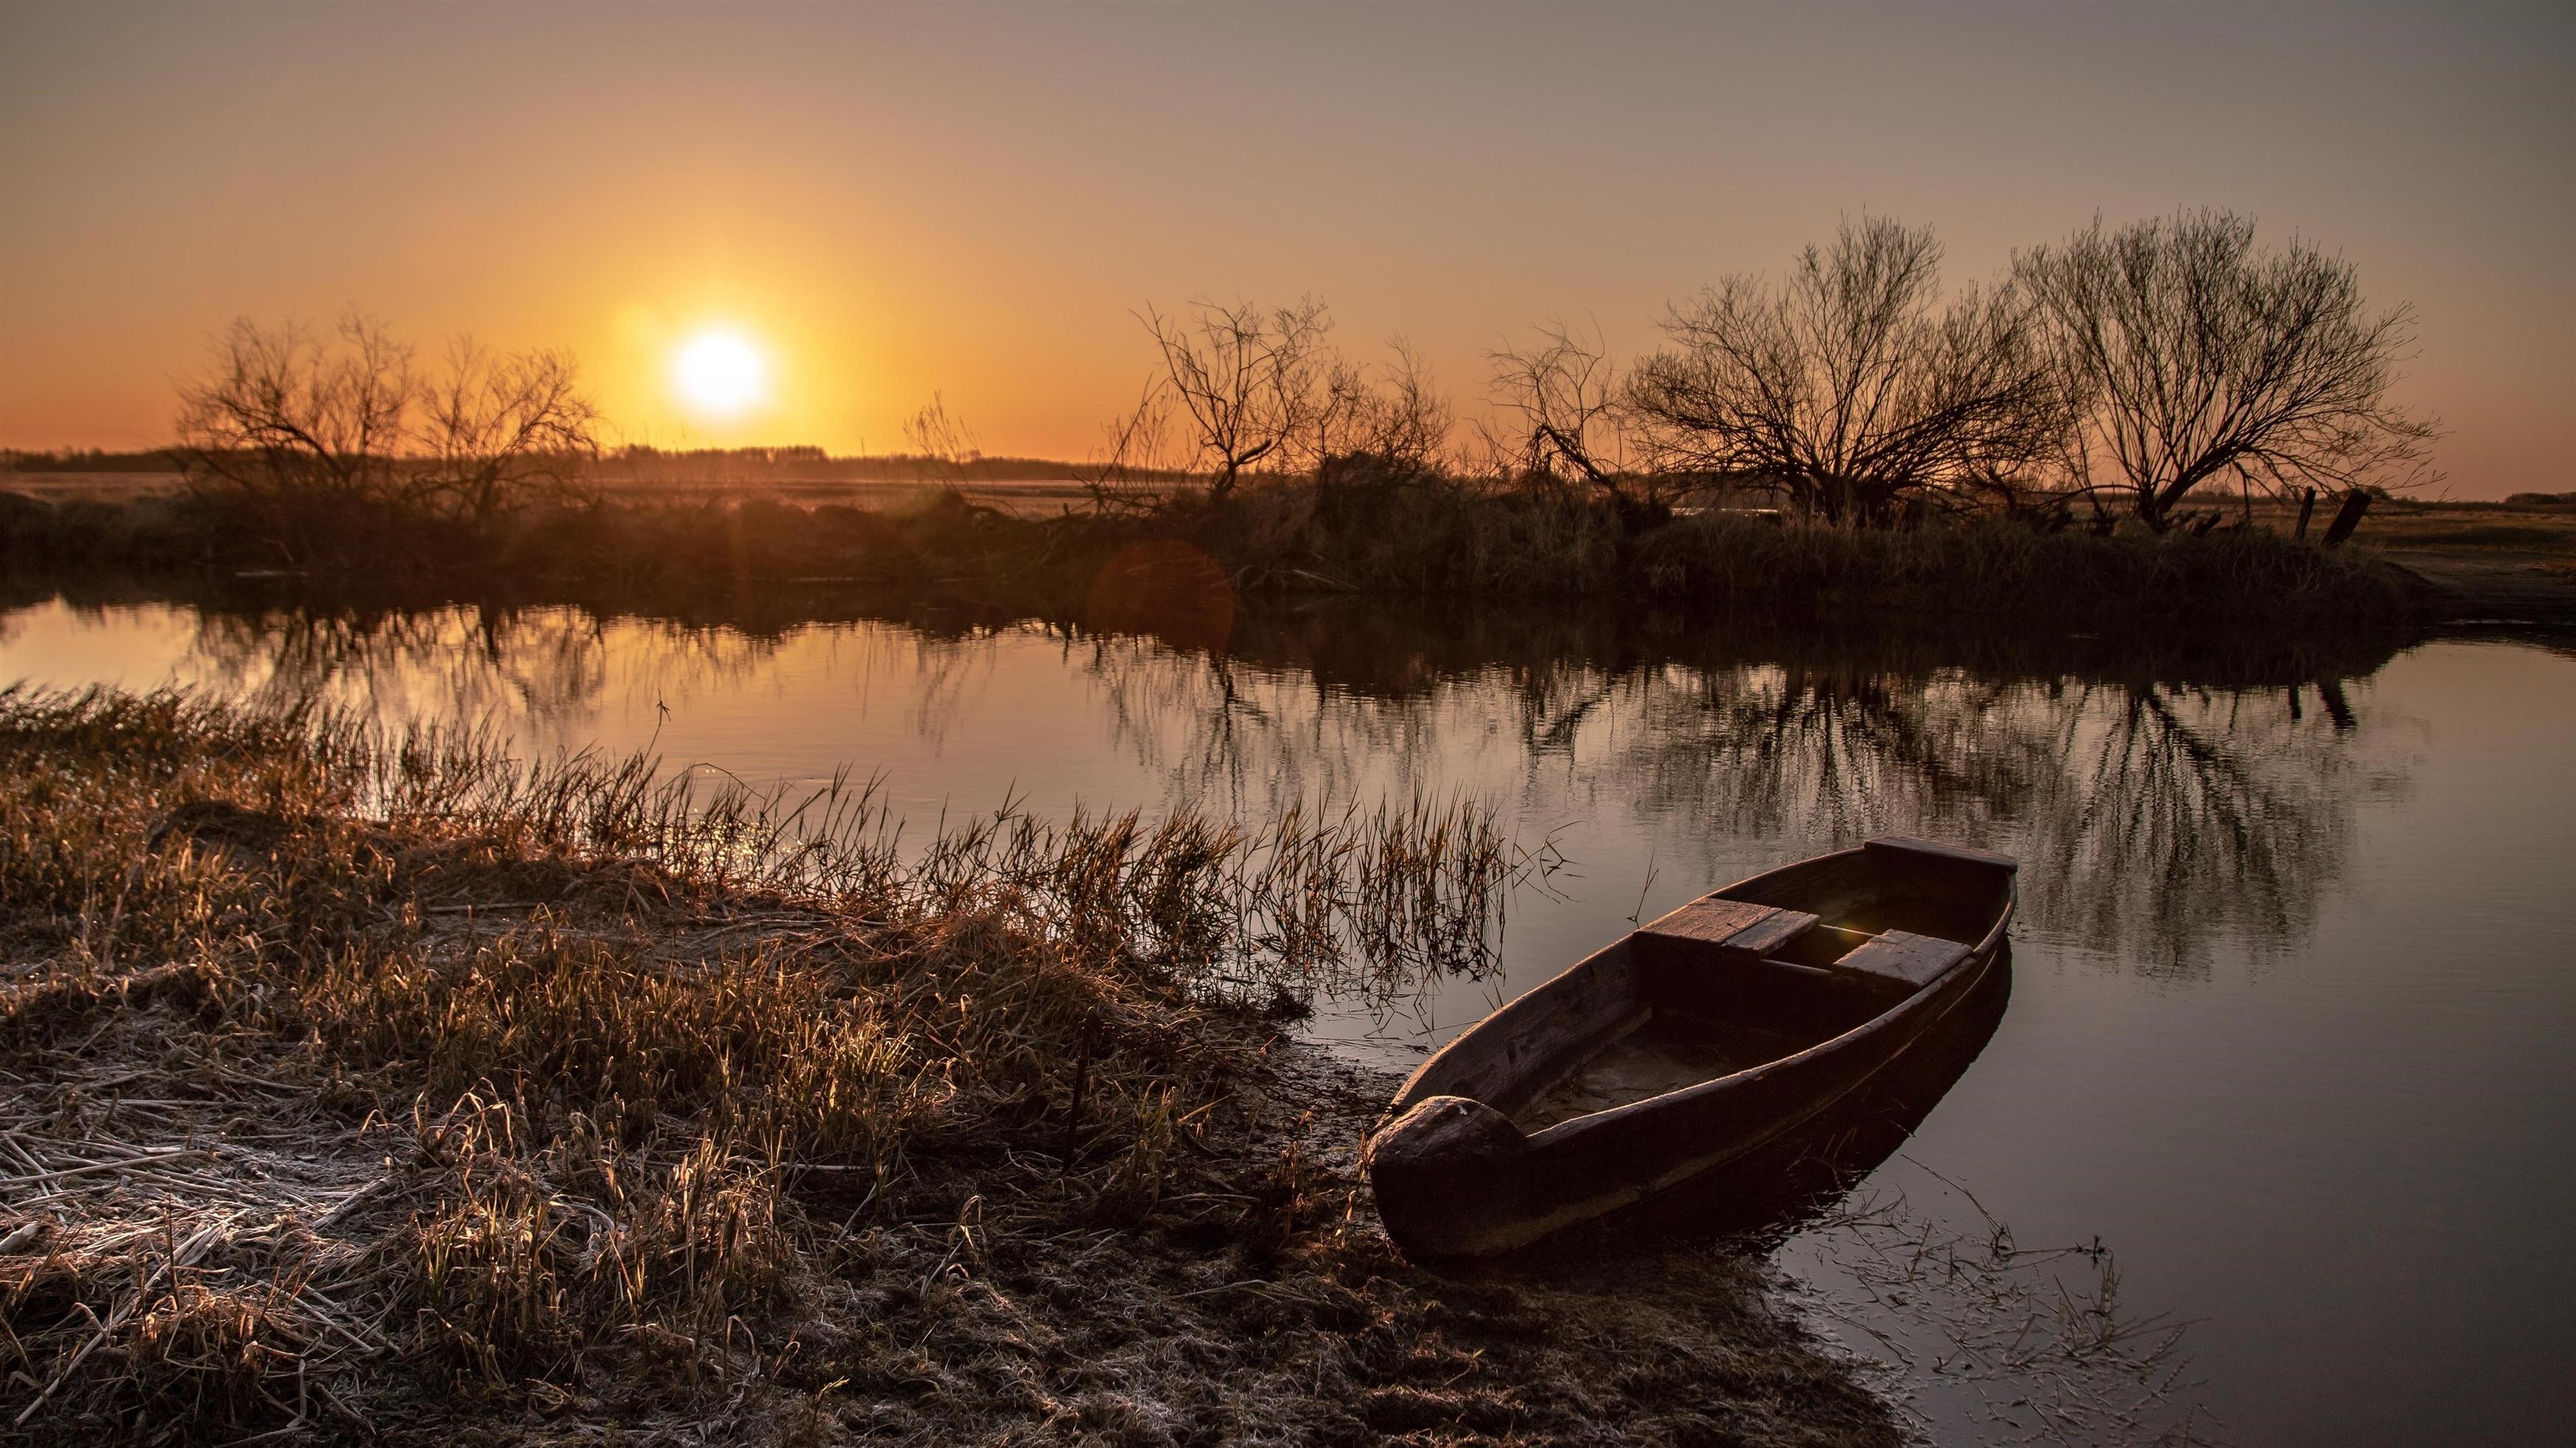 Посадка лодки между озерами под закатом солнца обои скачать